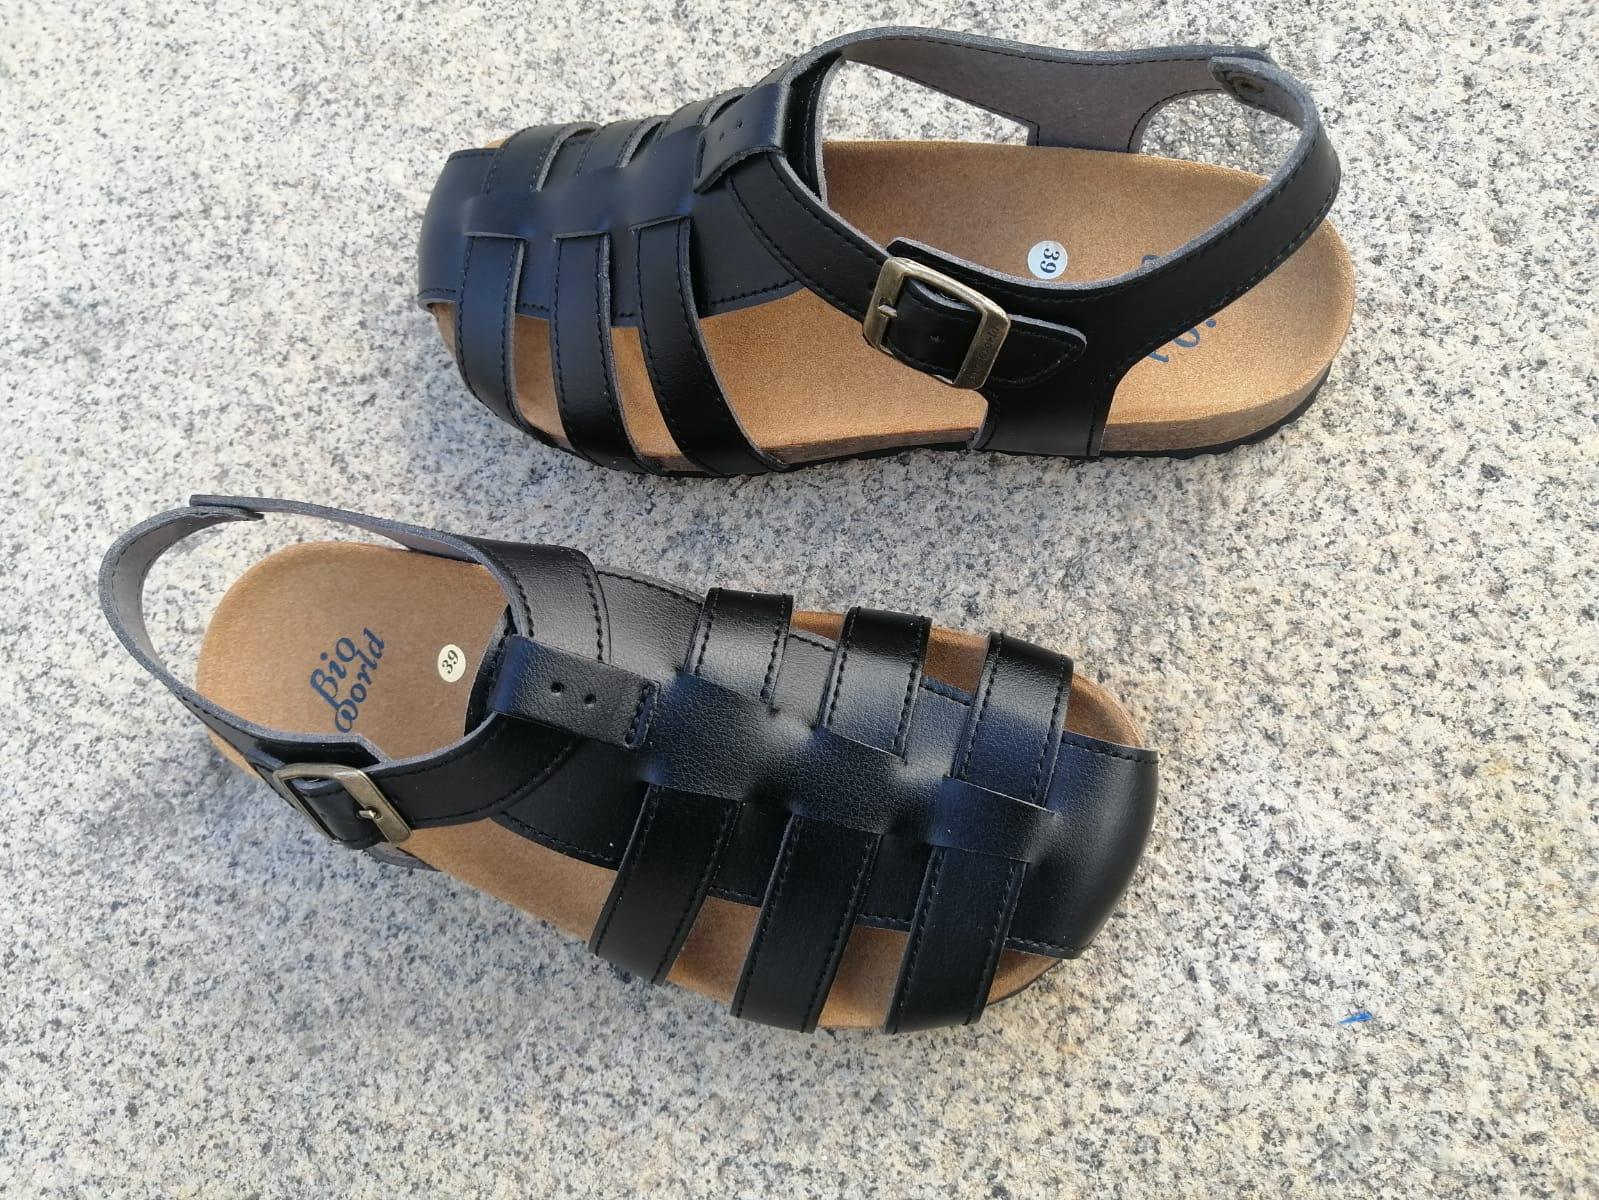 SIERRA NEGRO sandalias veganas, sandalias veganas mujer, calzado vegano, sandalias de tacón bajo, sandalias bioworld, vegan shoes.